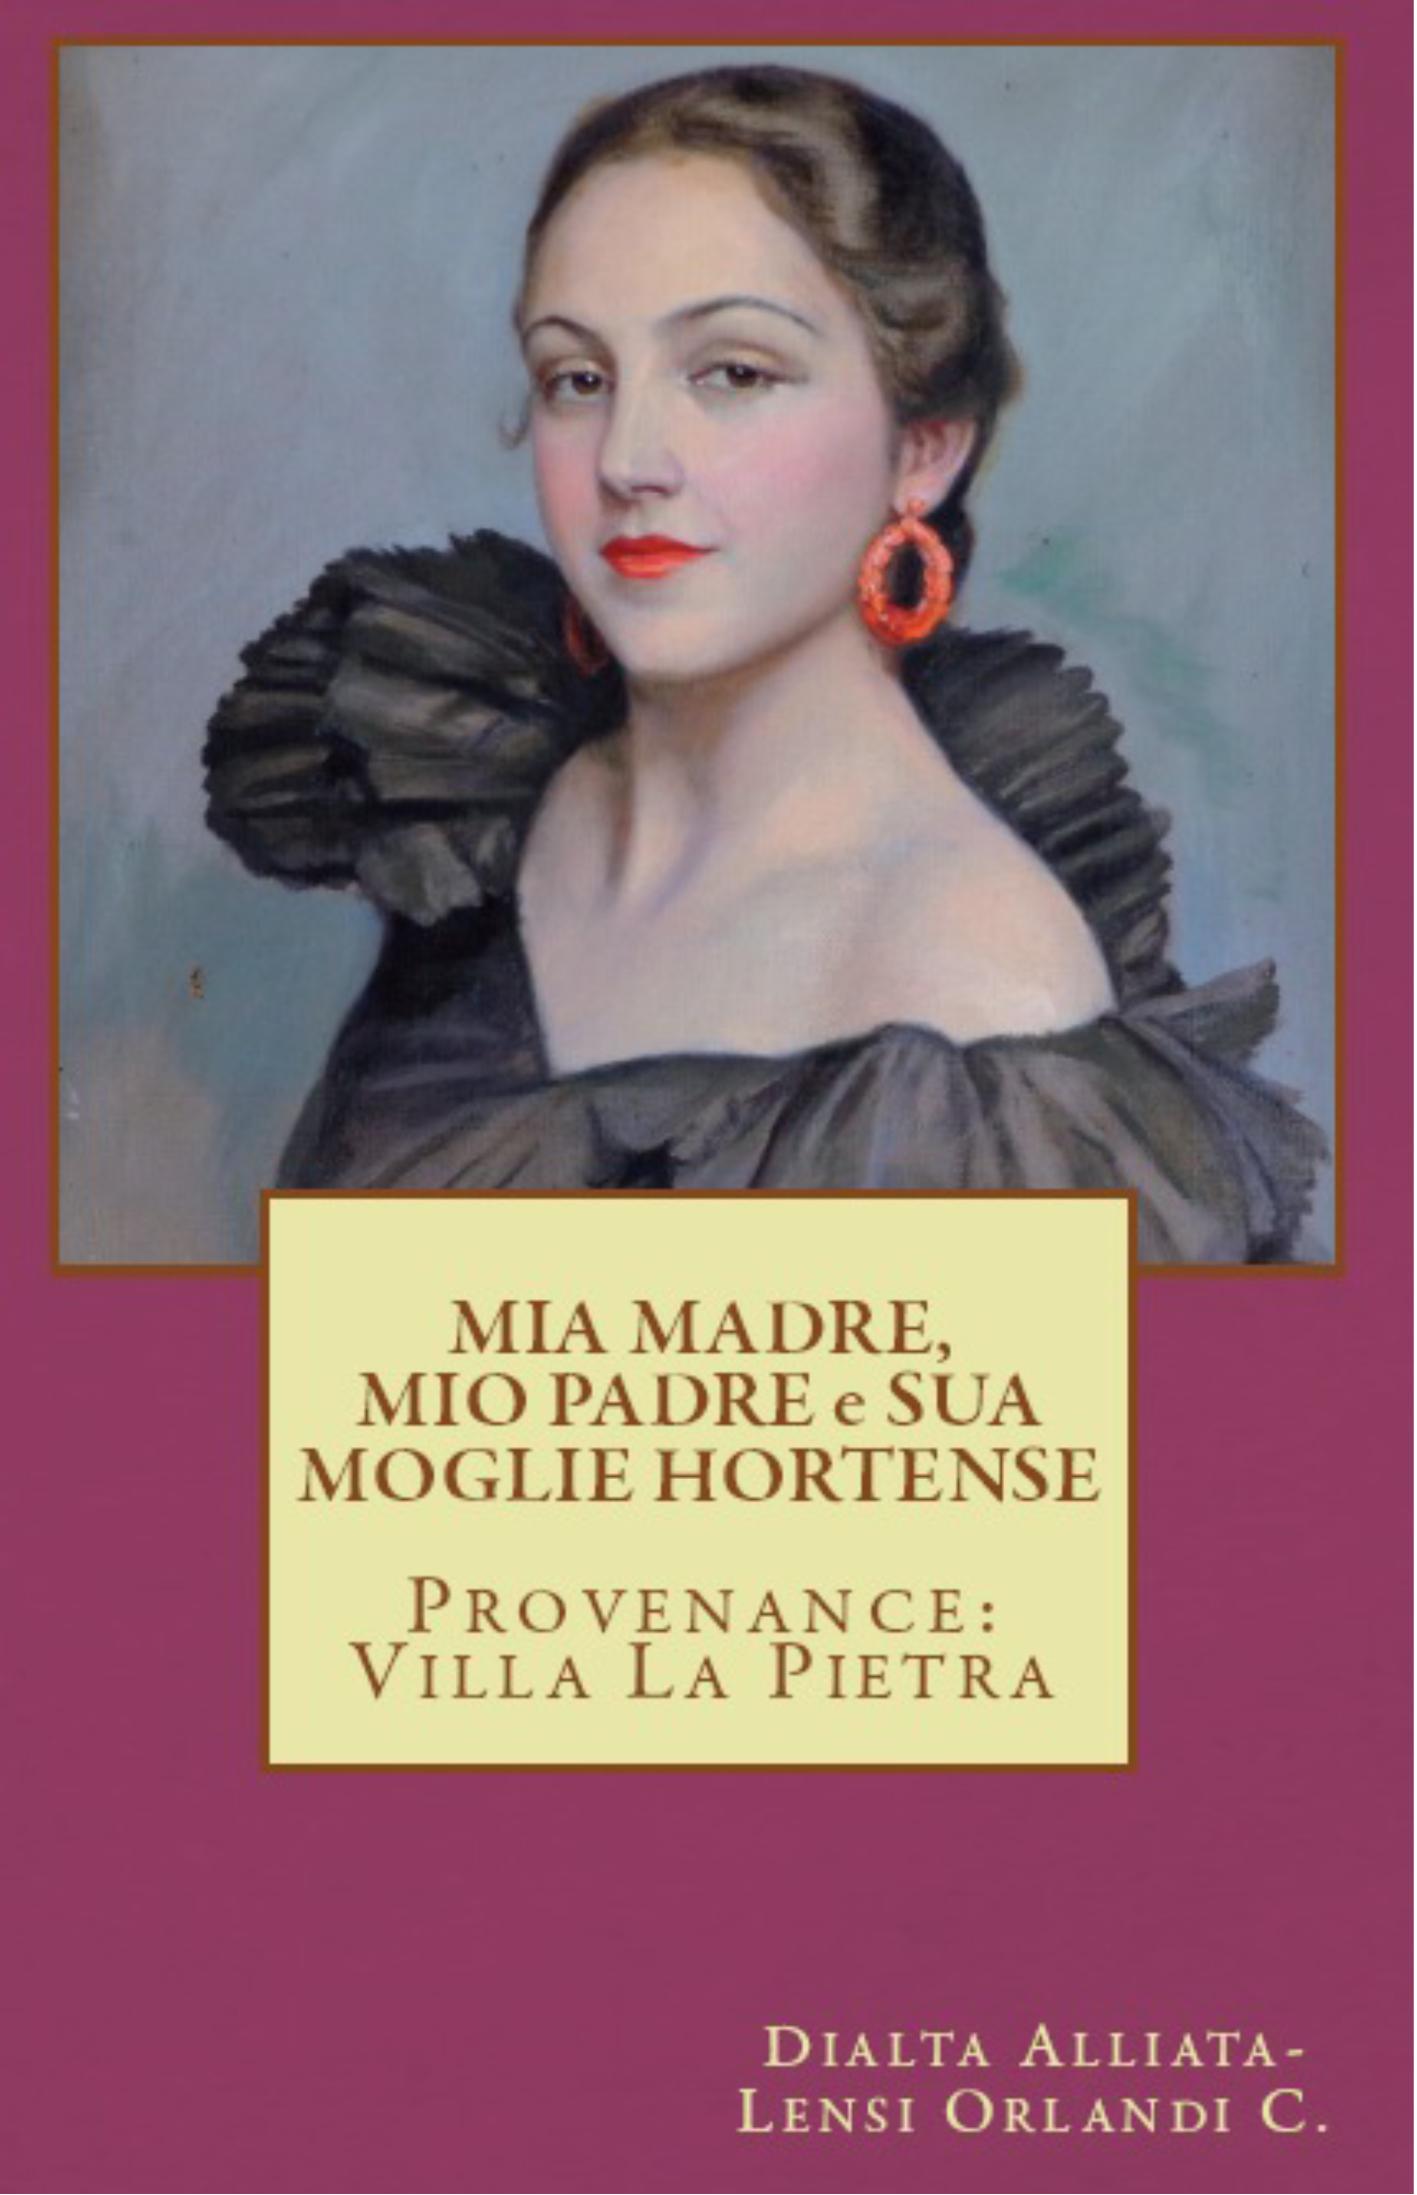 """""""Mia madre, mio padre e sua moglie Hortense"""": Marisa Laurito presenta il libro di Dialta Alliata"""